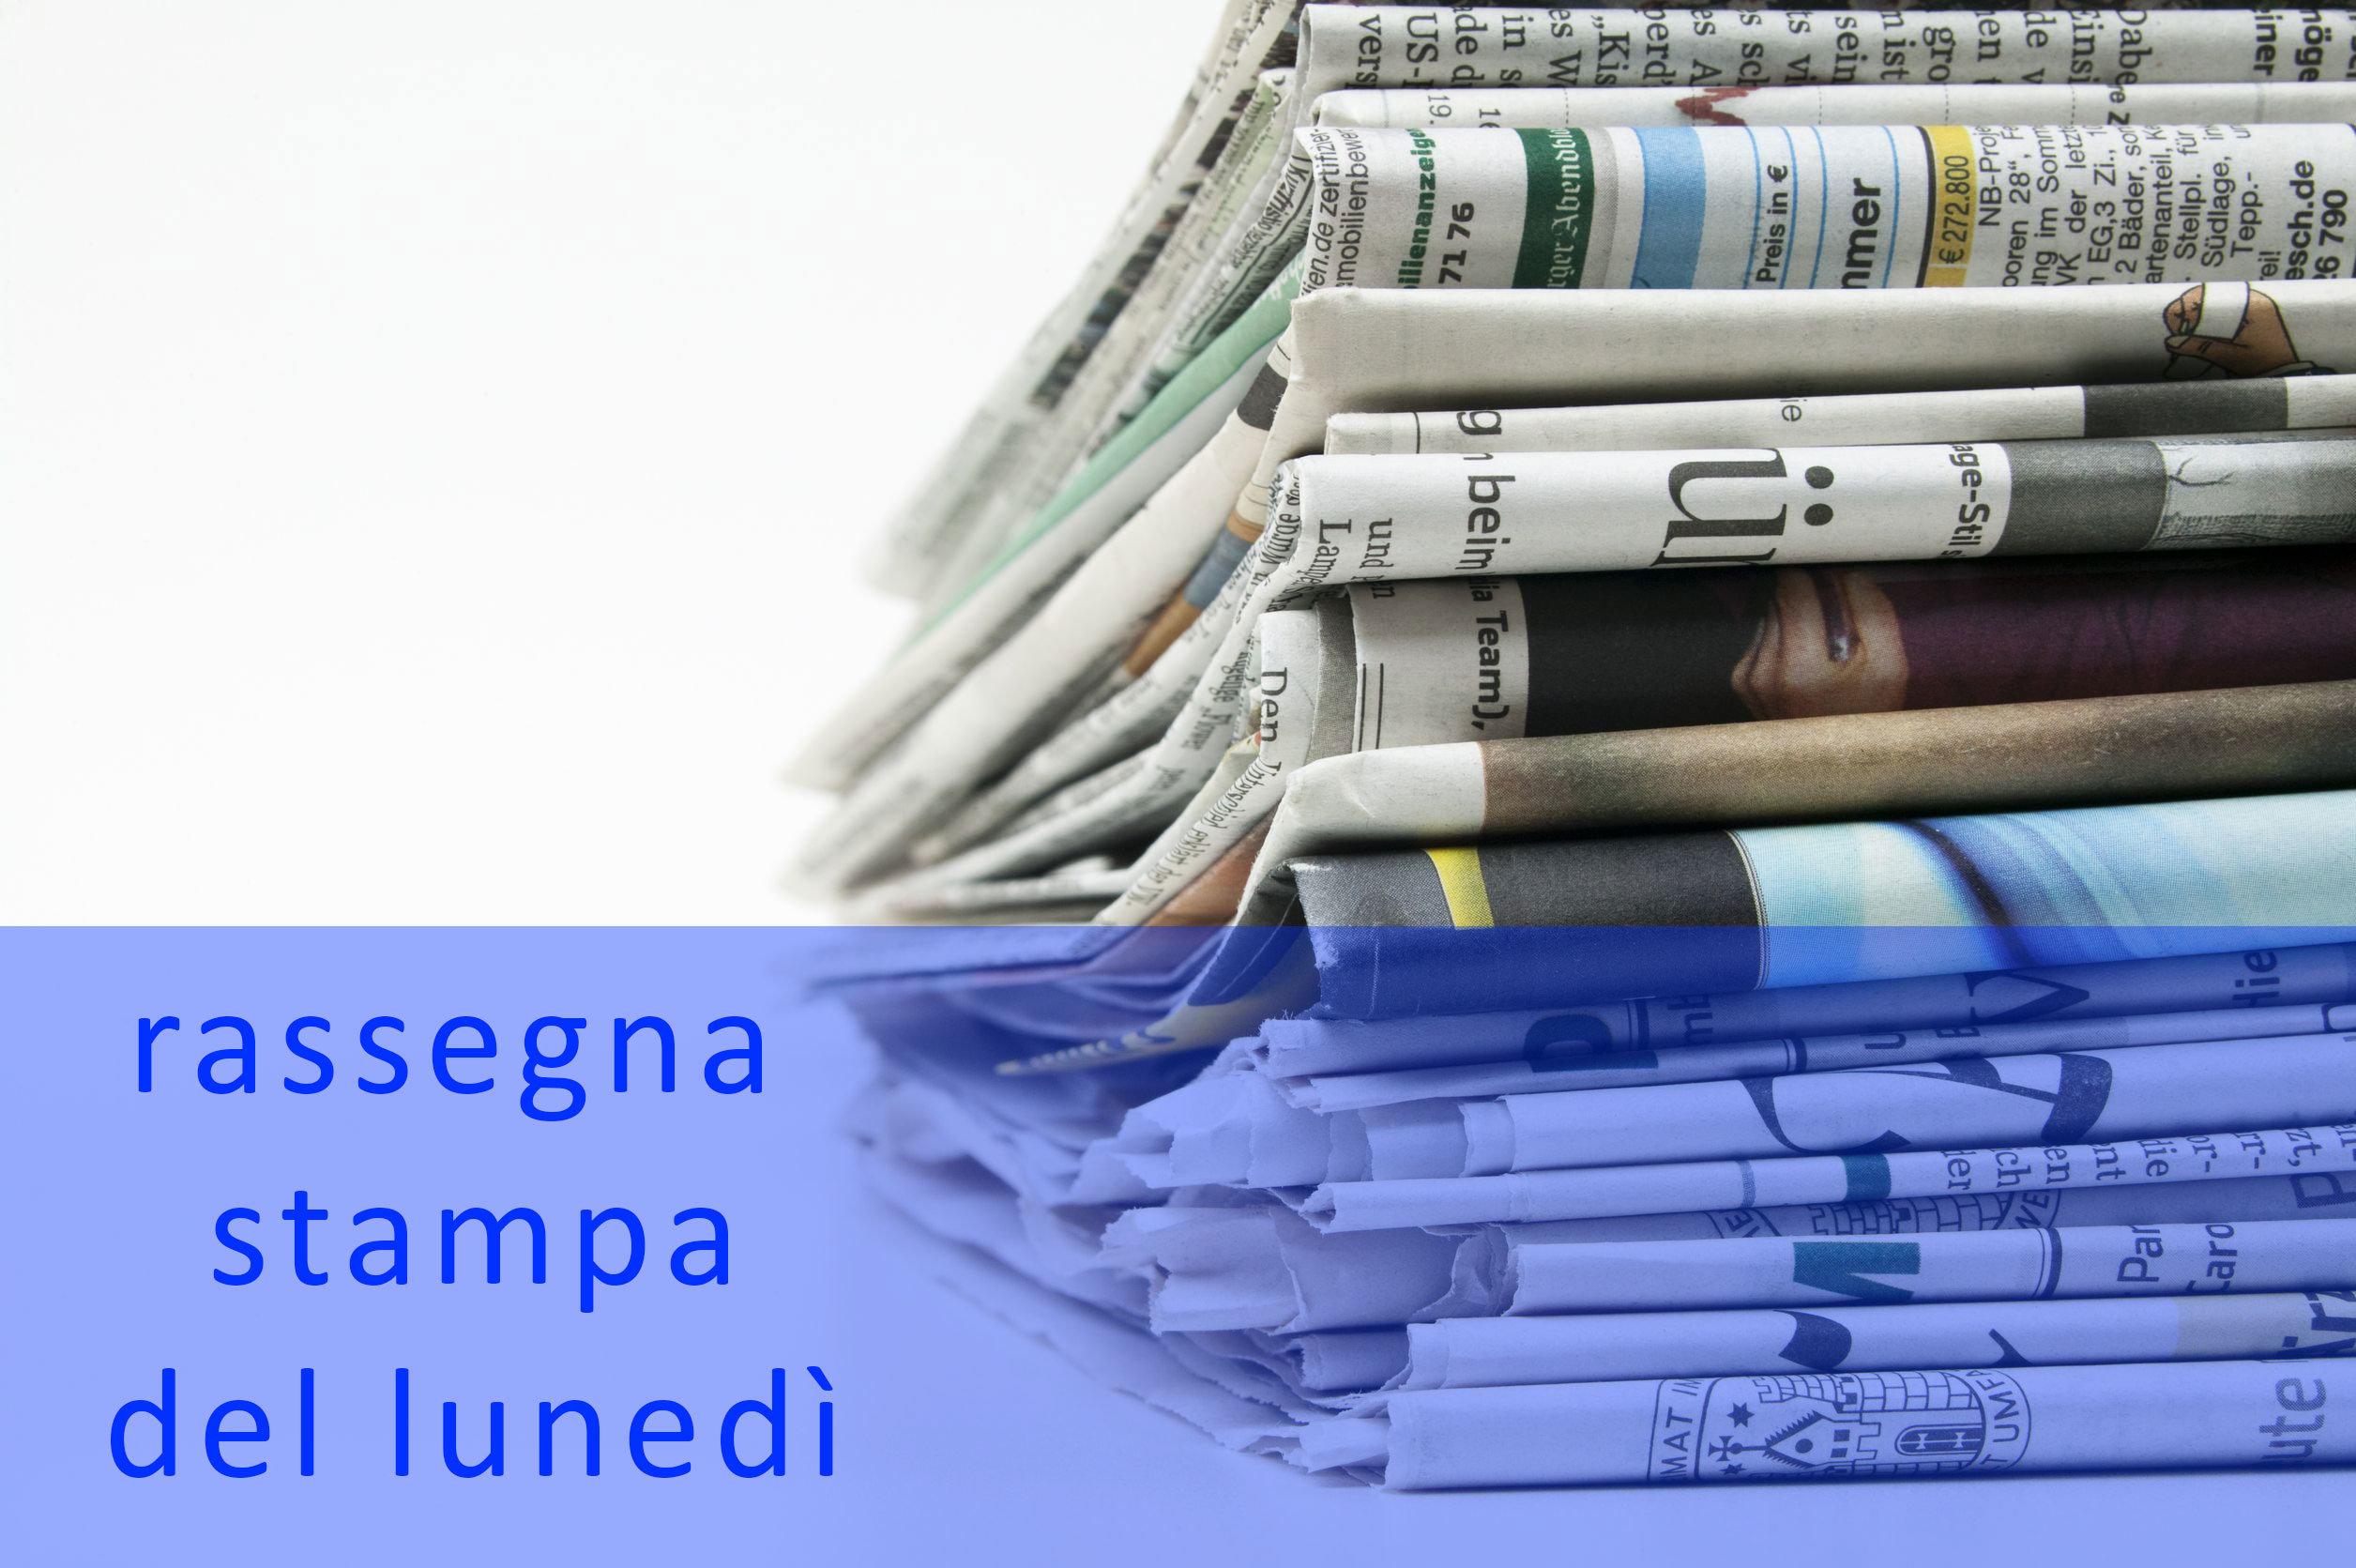 Rassegna stampa del 9 maggio